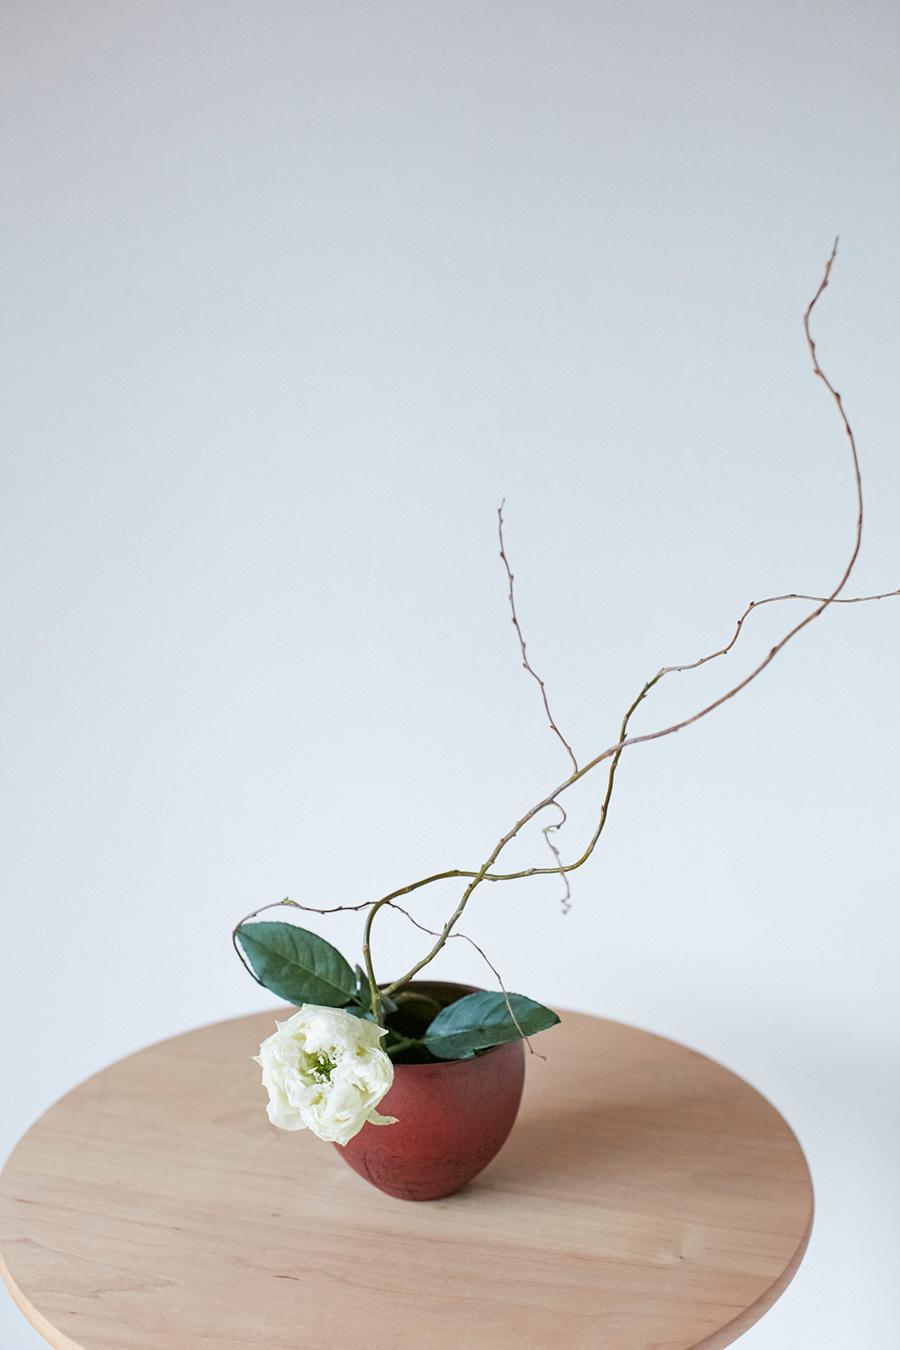 一輪の白いバラを、枝の動きが際立つウンリュウヤナギとともに、赤いお椀に飾った。